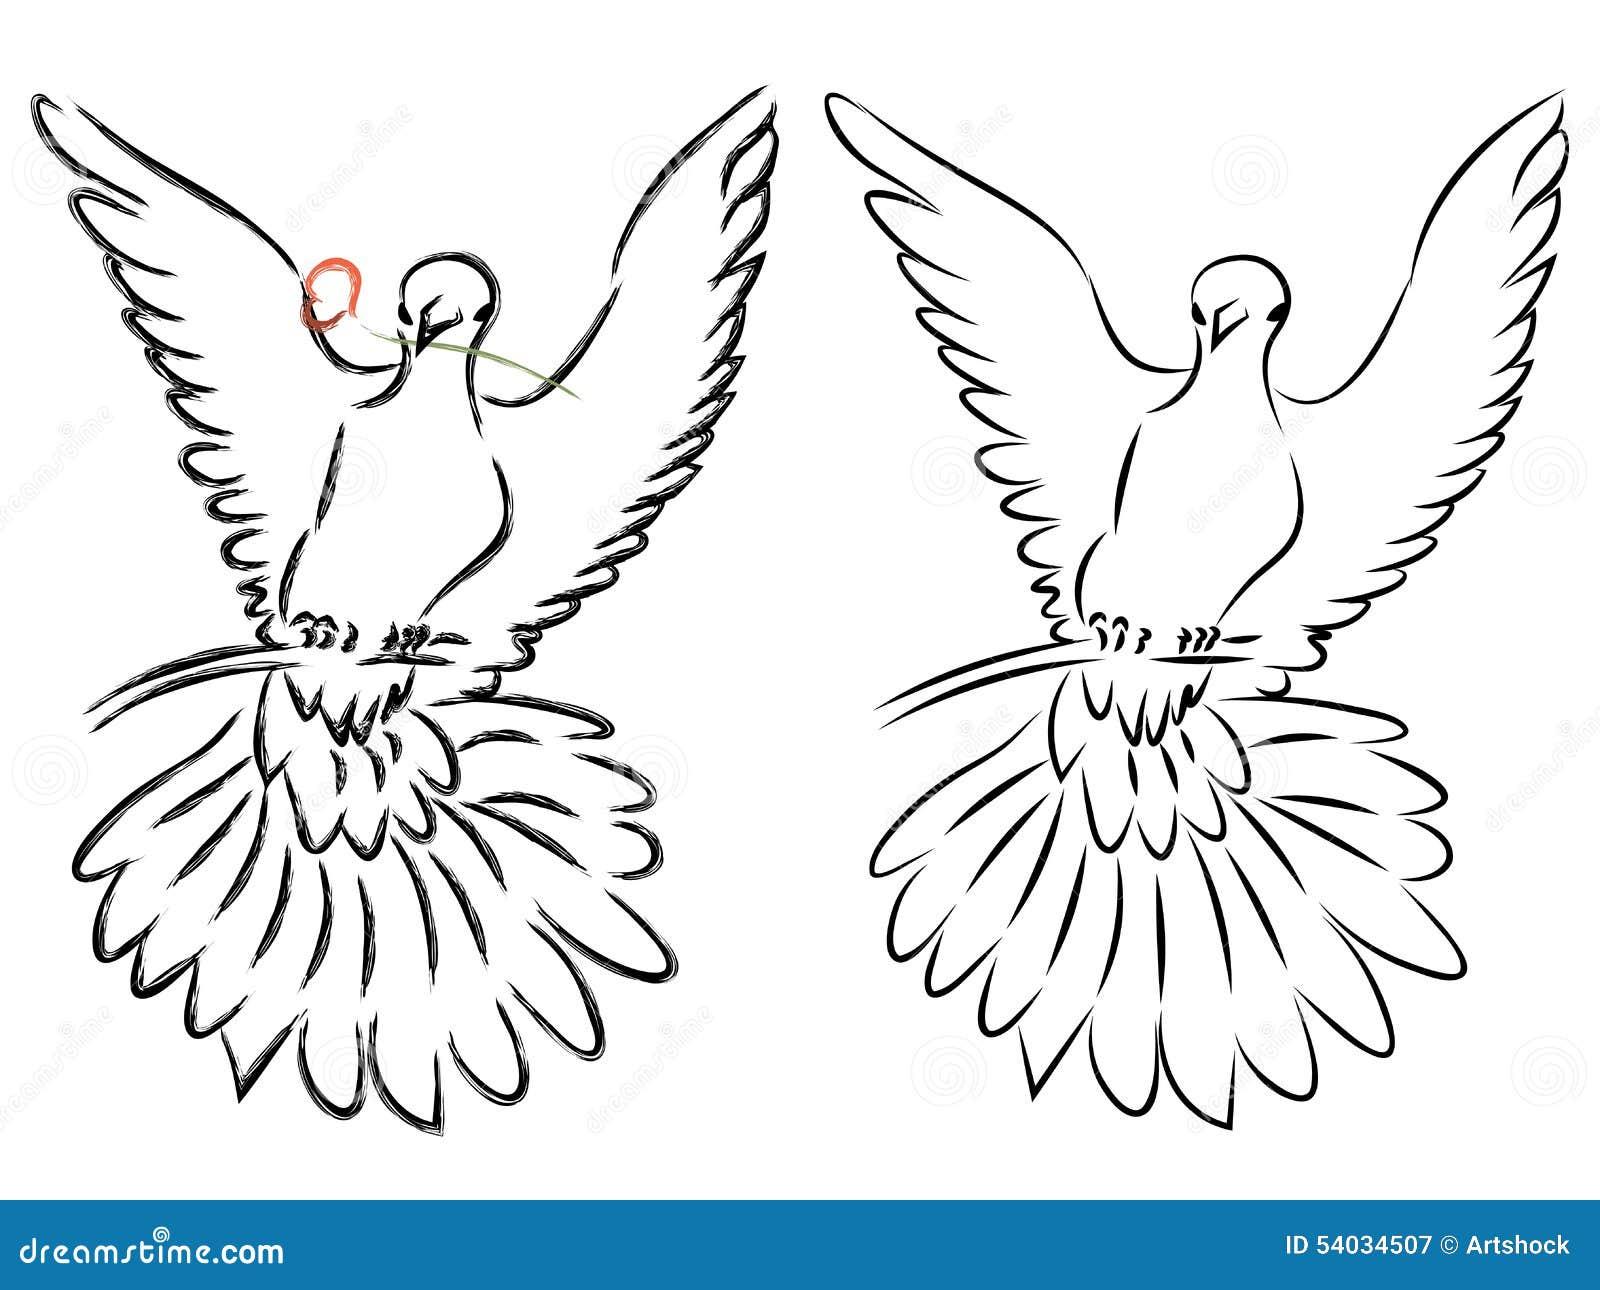 Сделать голубя из бумаги шаблоны формат а4